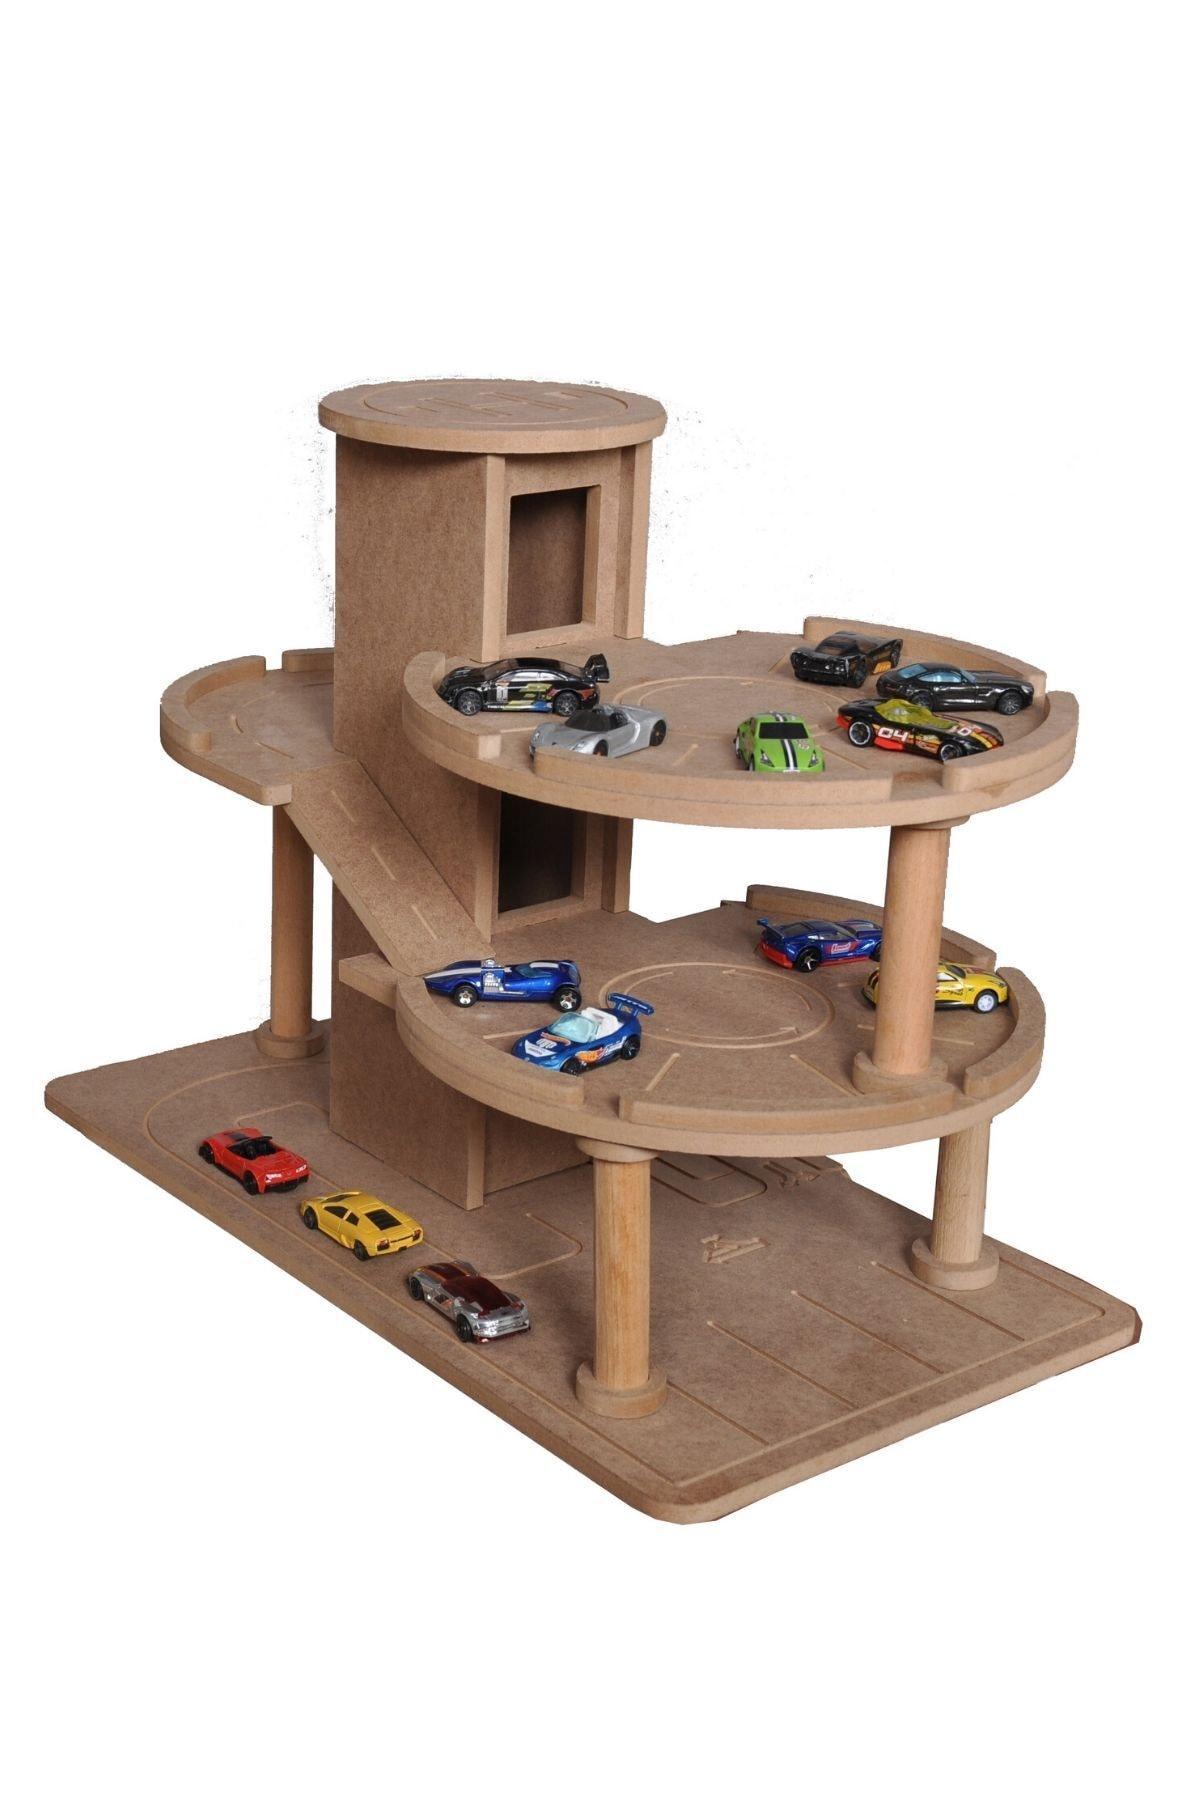 Hedef Ahşap Katlı Otopark Garaj Oyuncak 1